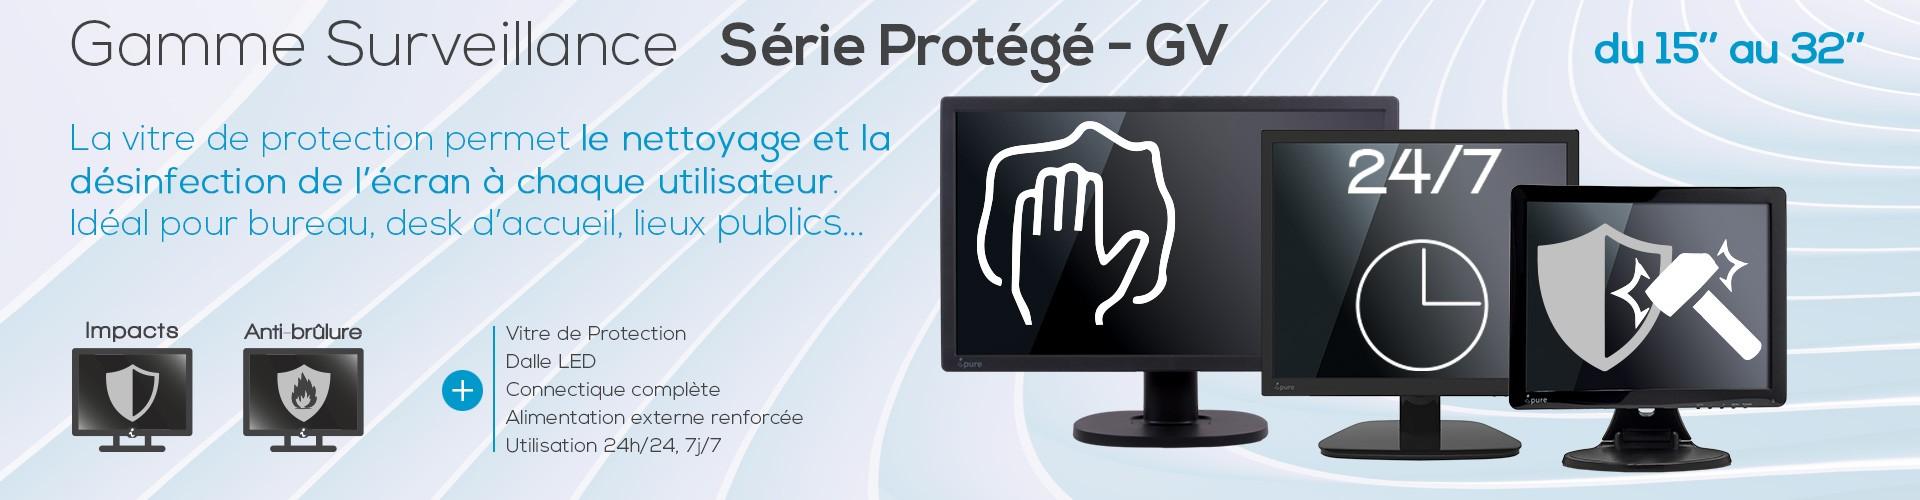 """Gamme Surveillance - Série Protégé - GV - du 15"""" au 32"""""""